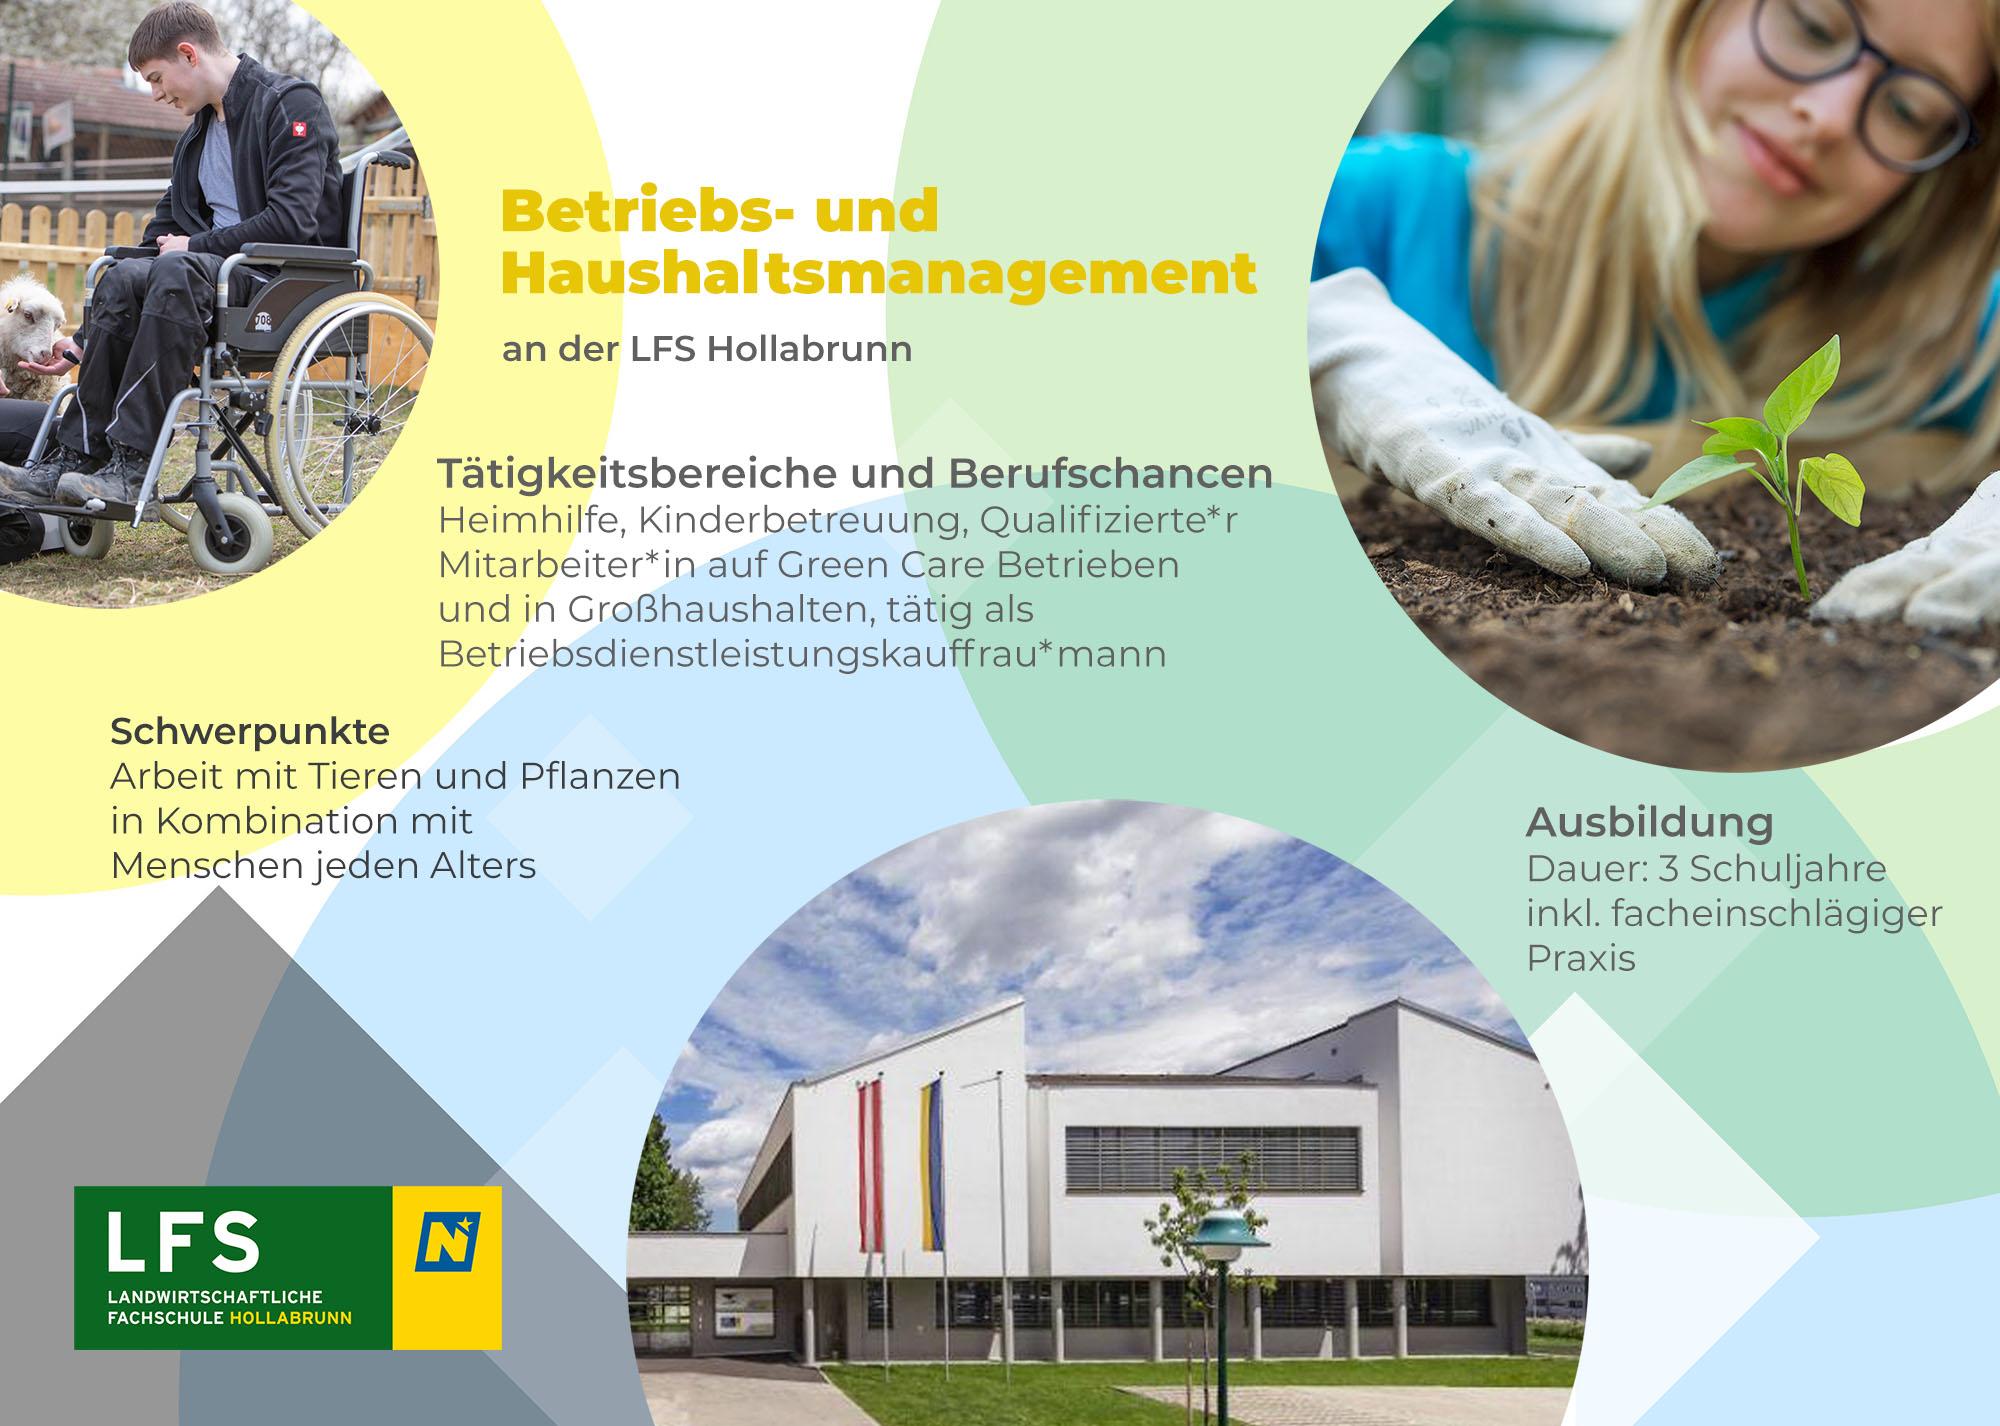 Betriebs- und Haushaltsmanagement